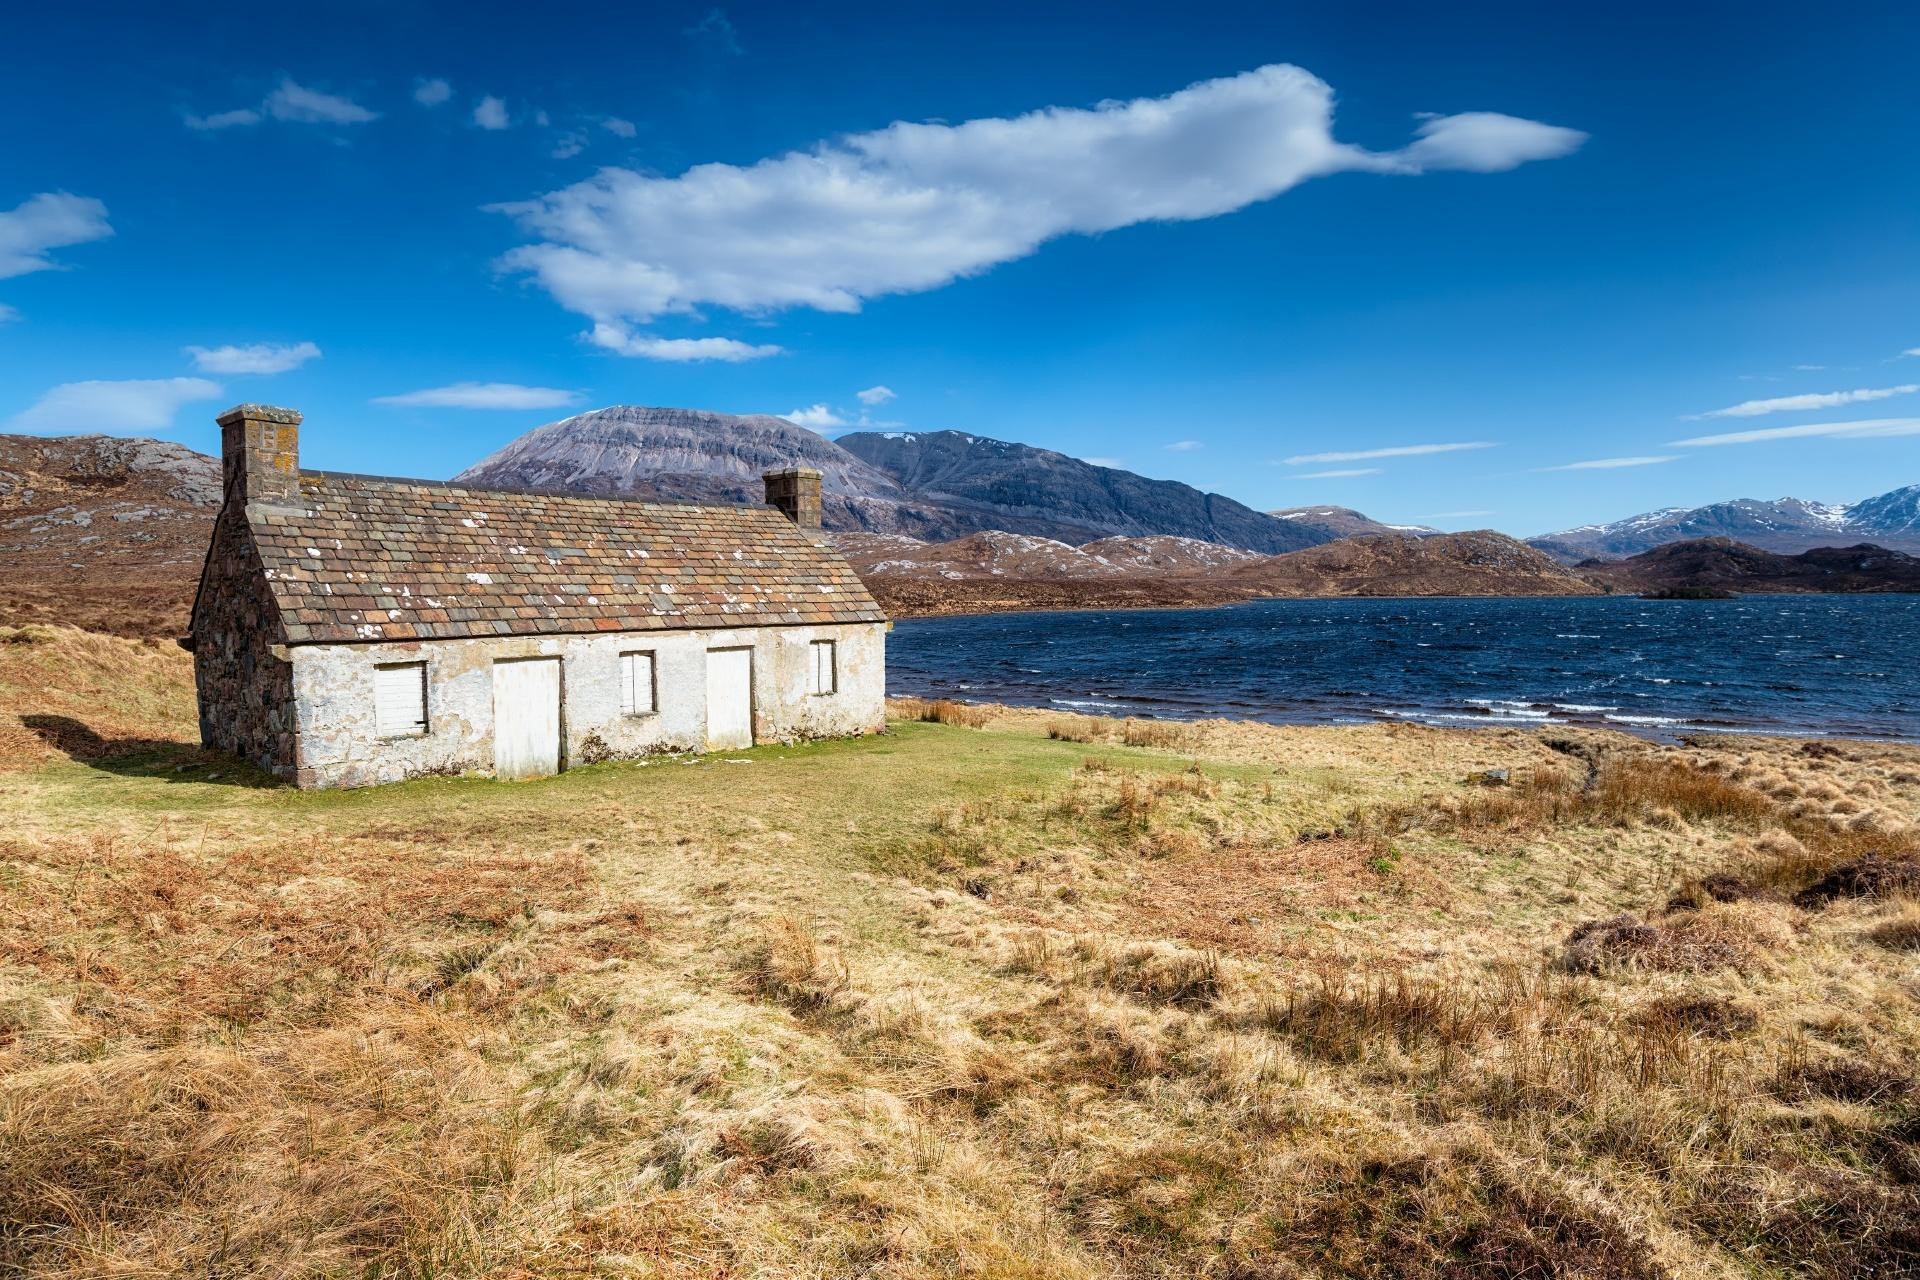 スタック湖の風景 スコットランドの風景